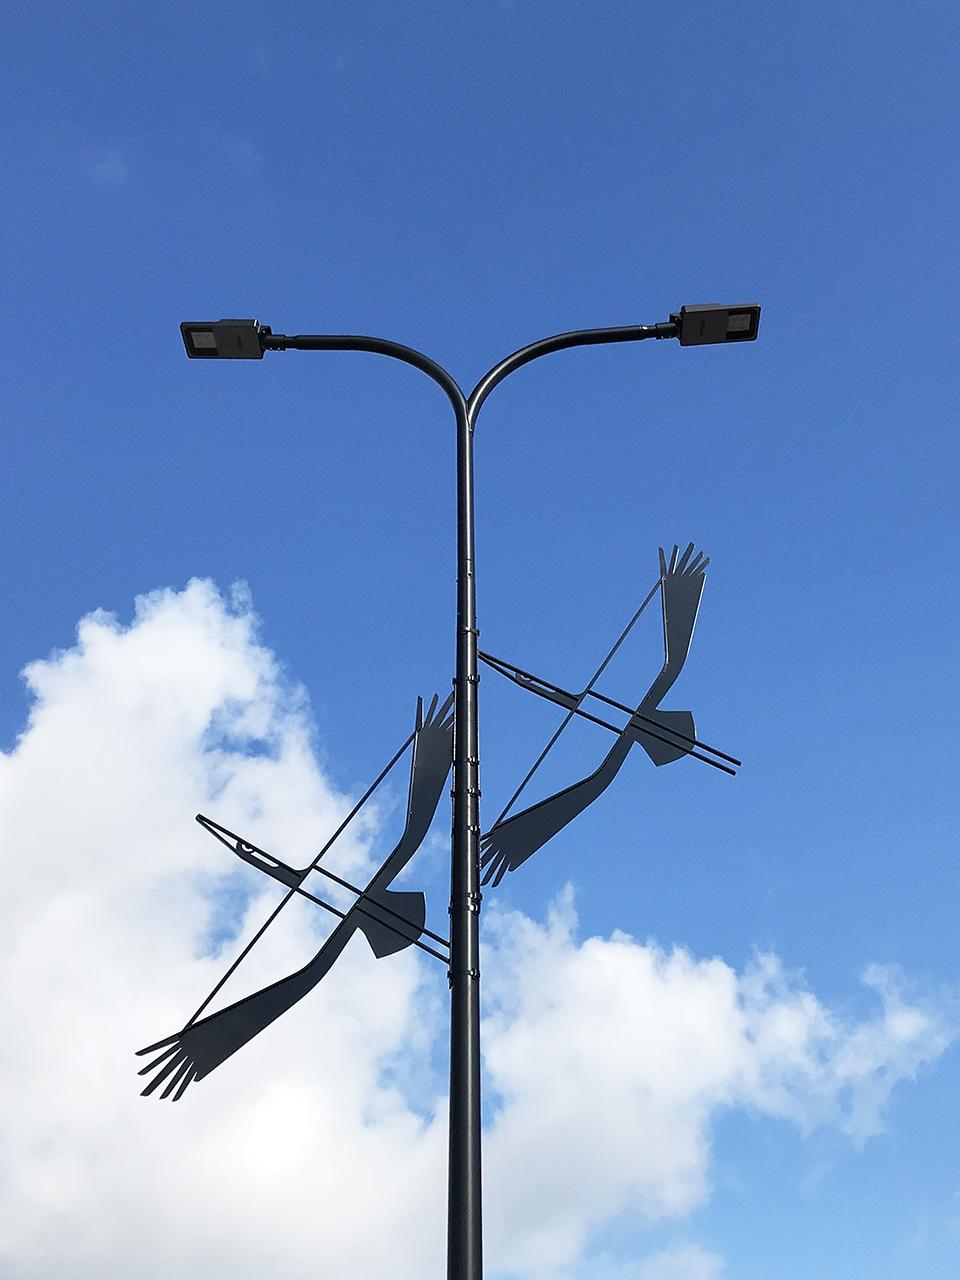 Kured. Installatsioon Tallinna Lennujaamas